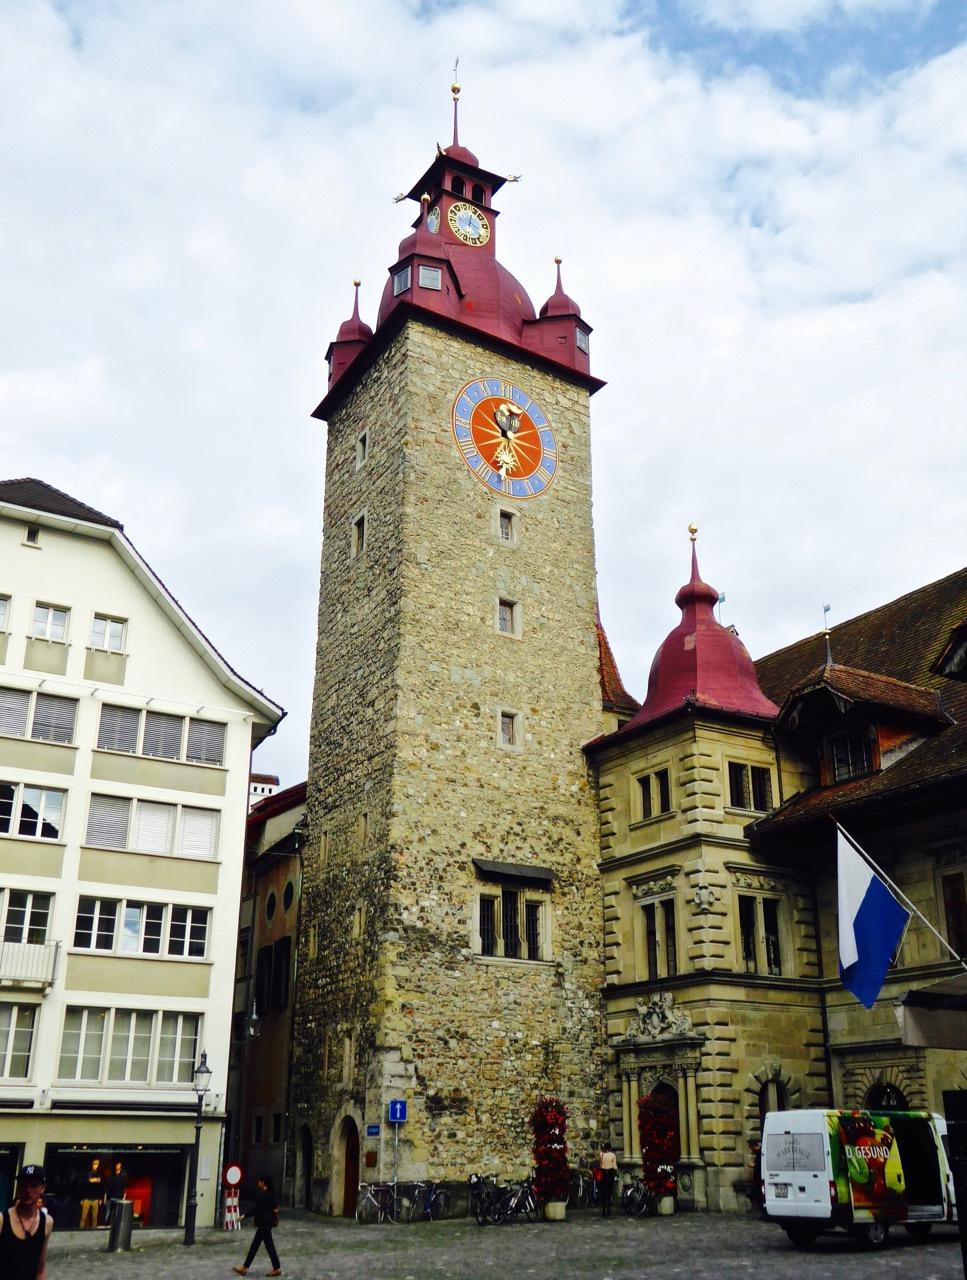 瑞士画墙,琉森老城区的神秘色彩